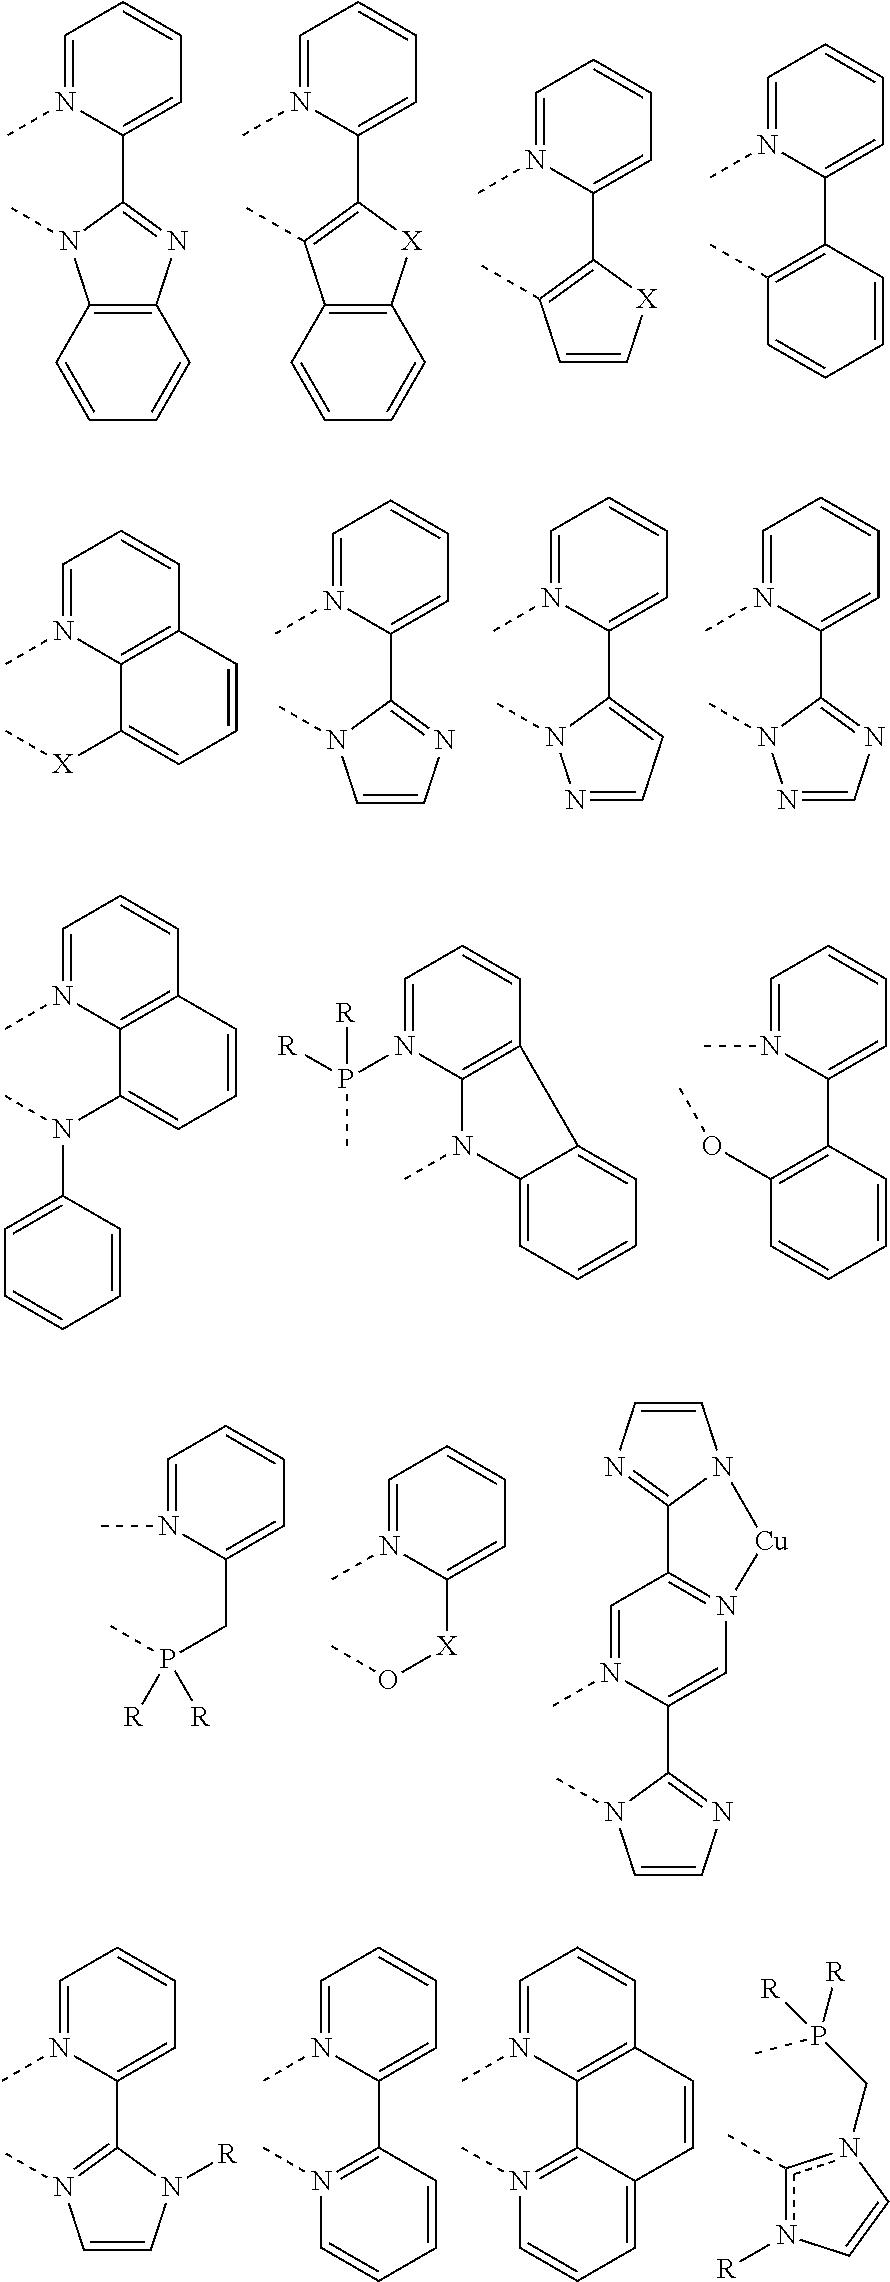 Figure US09773986-20170926-C00047